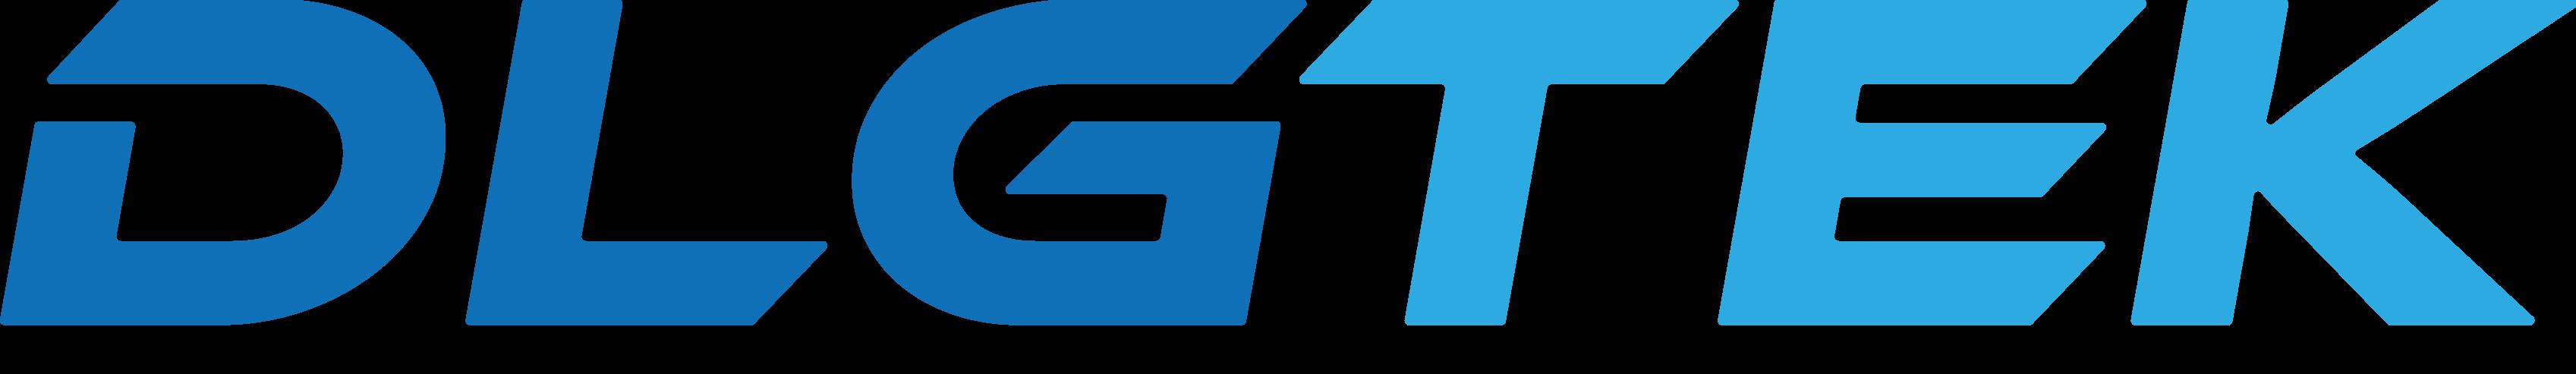 DLG TEK SRLS - Software, Web Development, Mobile Development,  Internet of Things